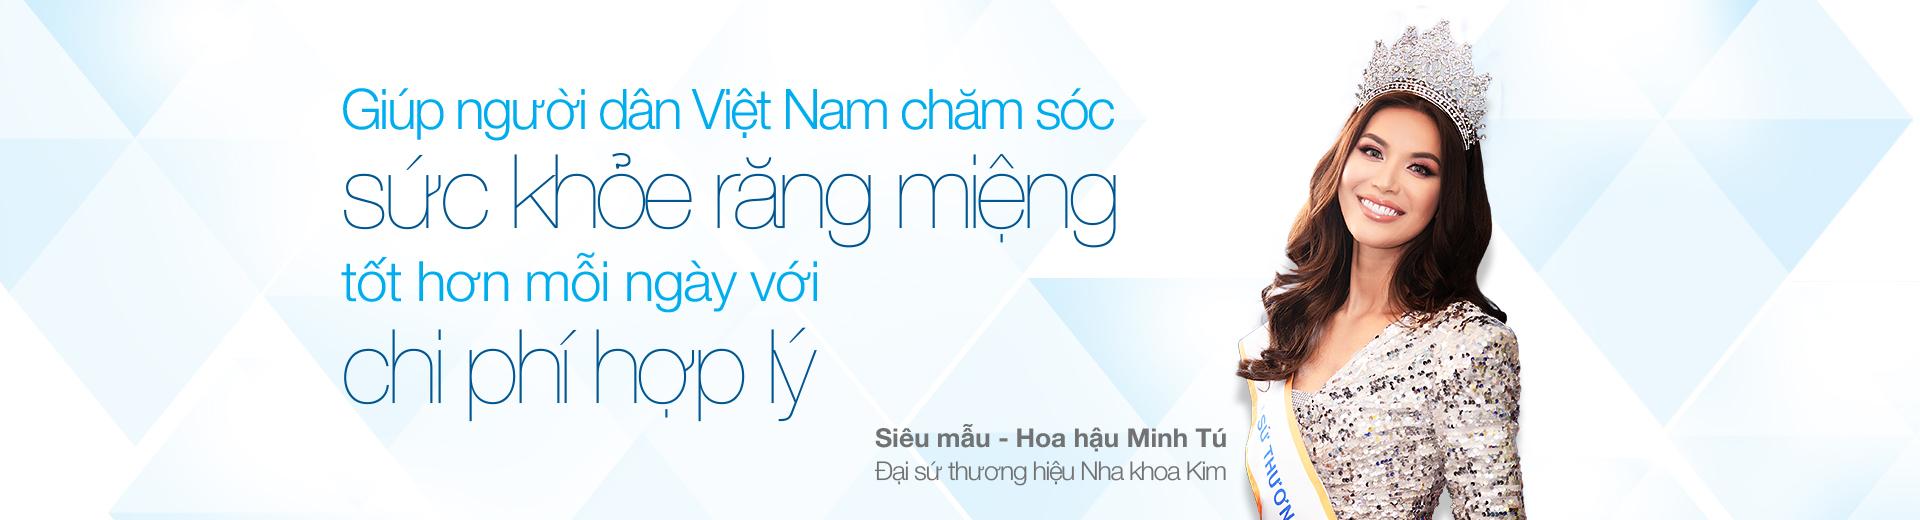 Siêu mẫu - hoa hậu Minh Tú Đại sứ thương hiệu Nha Khoa Kim